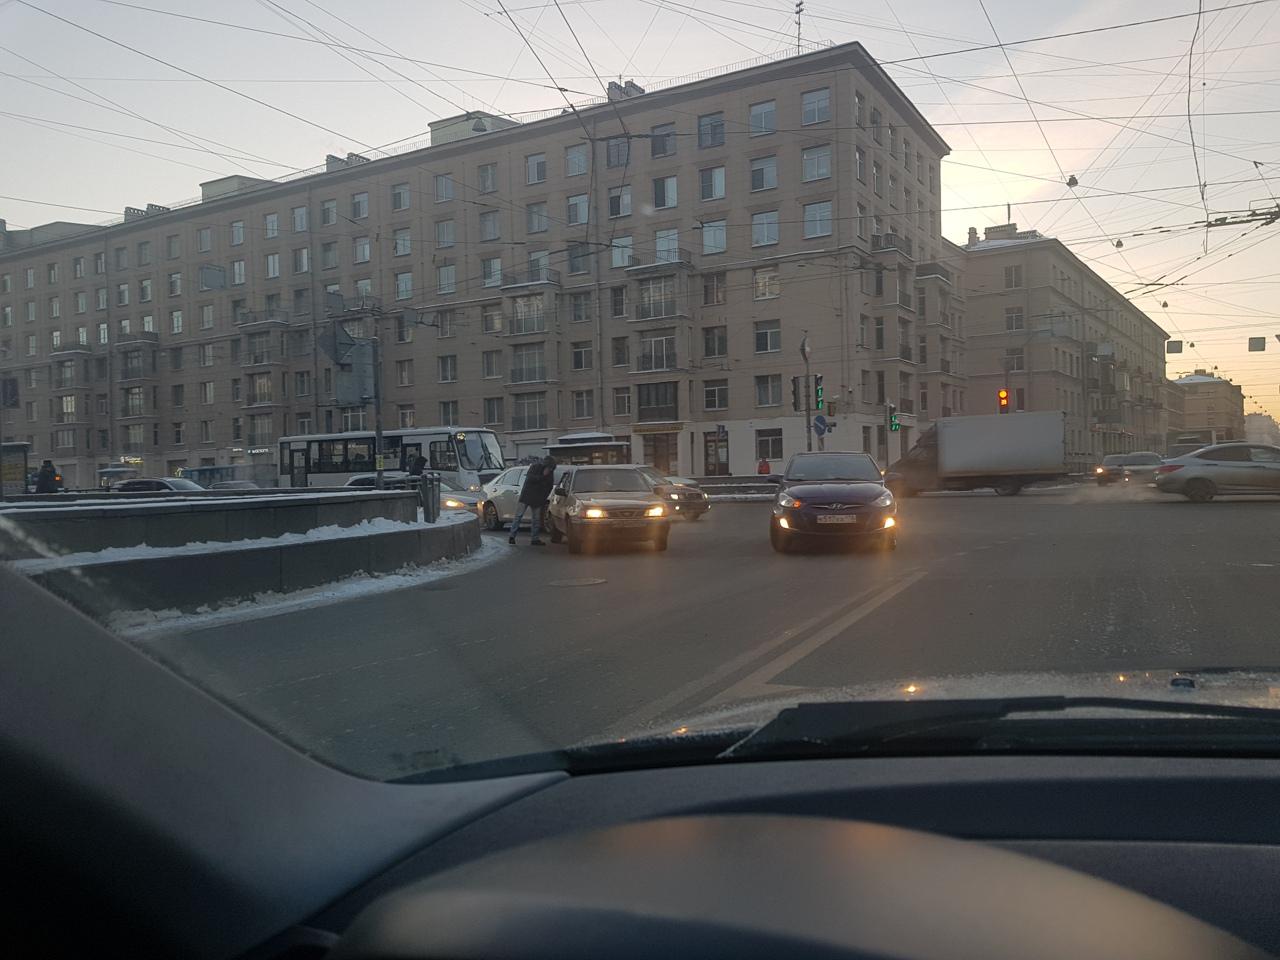 Тройничок на повороте с Ивановской улицы на улицу Бабушкина в сторону метро Ломоносовская. Стоят...